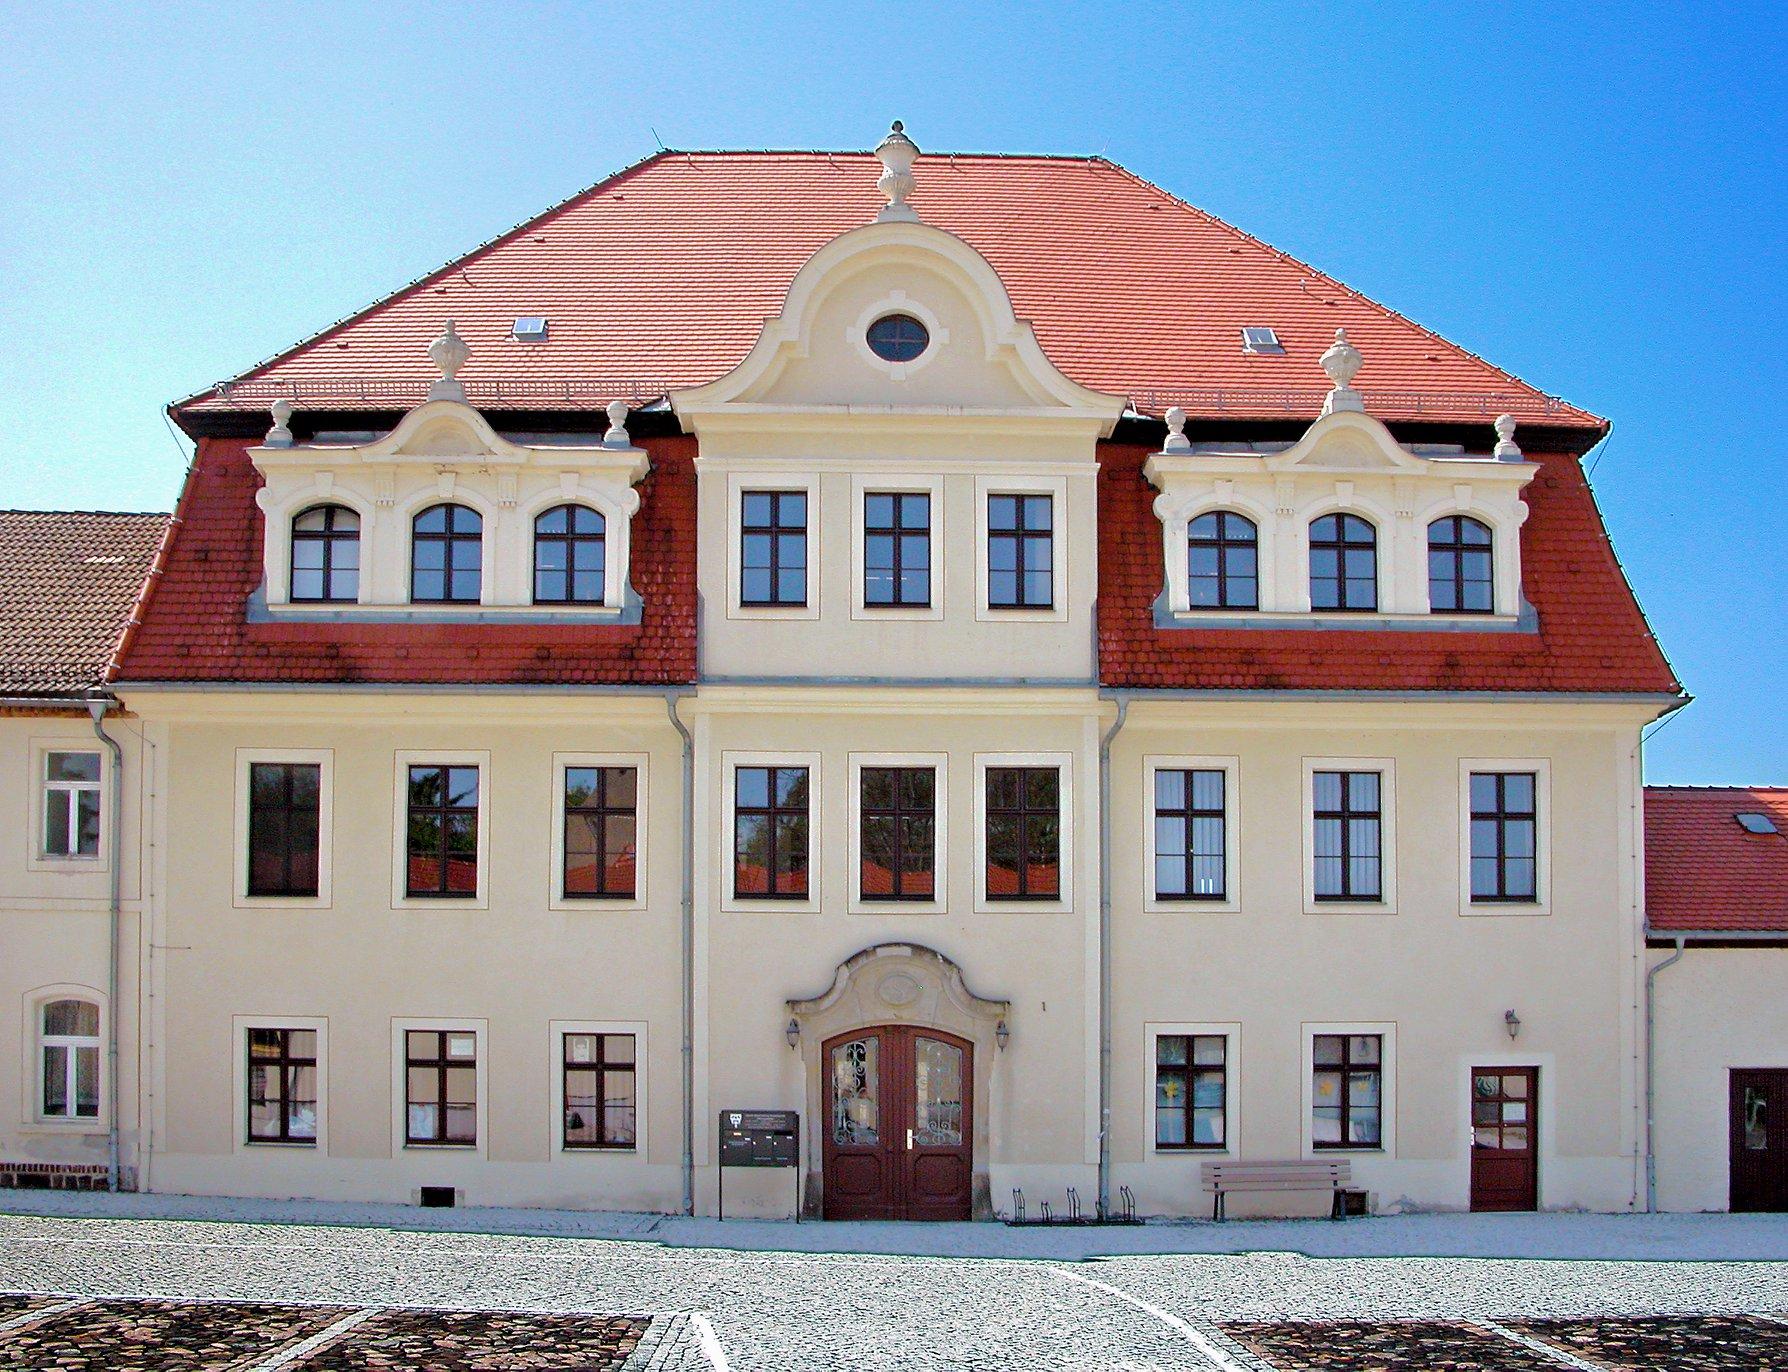 Hauptquartier für Land Und Kultur Gestalten